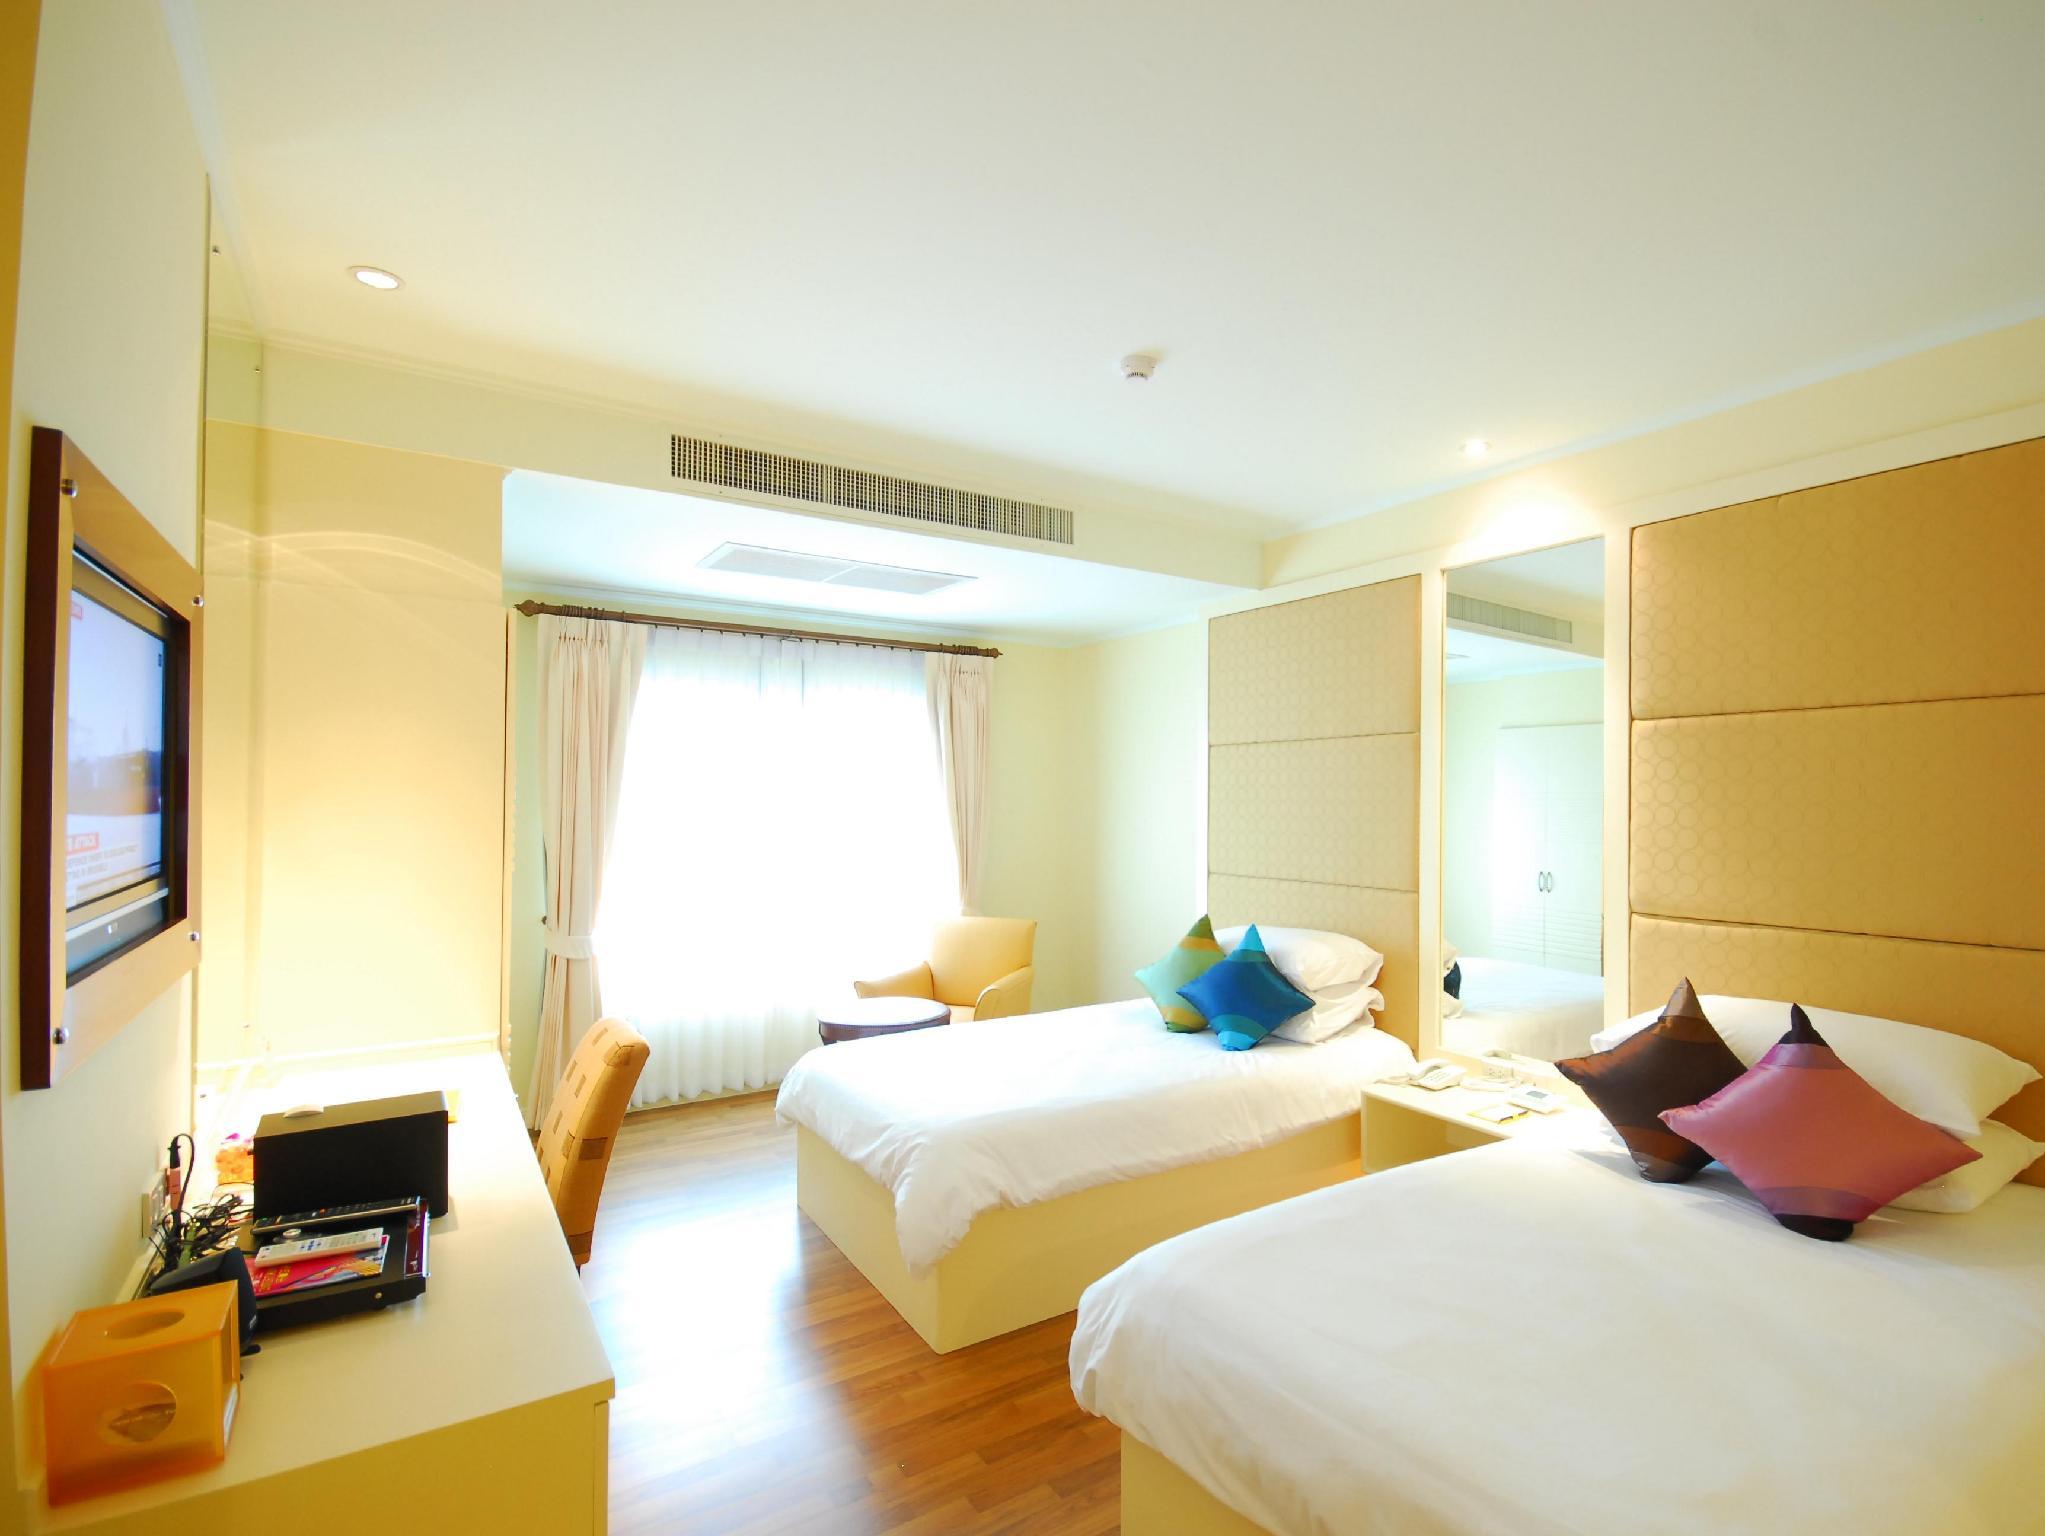 ヒップ ホテル バンコク (Hip Hotel Bangkok)